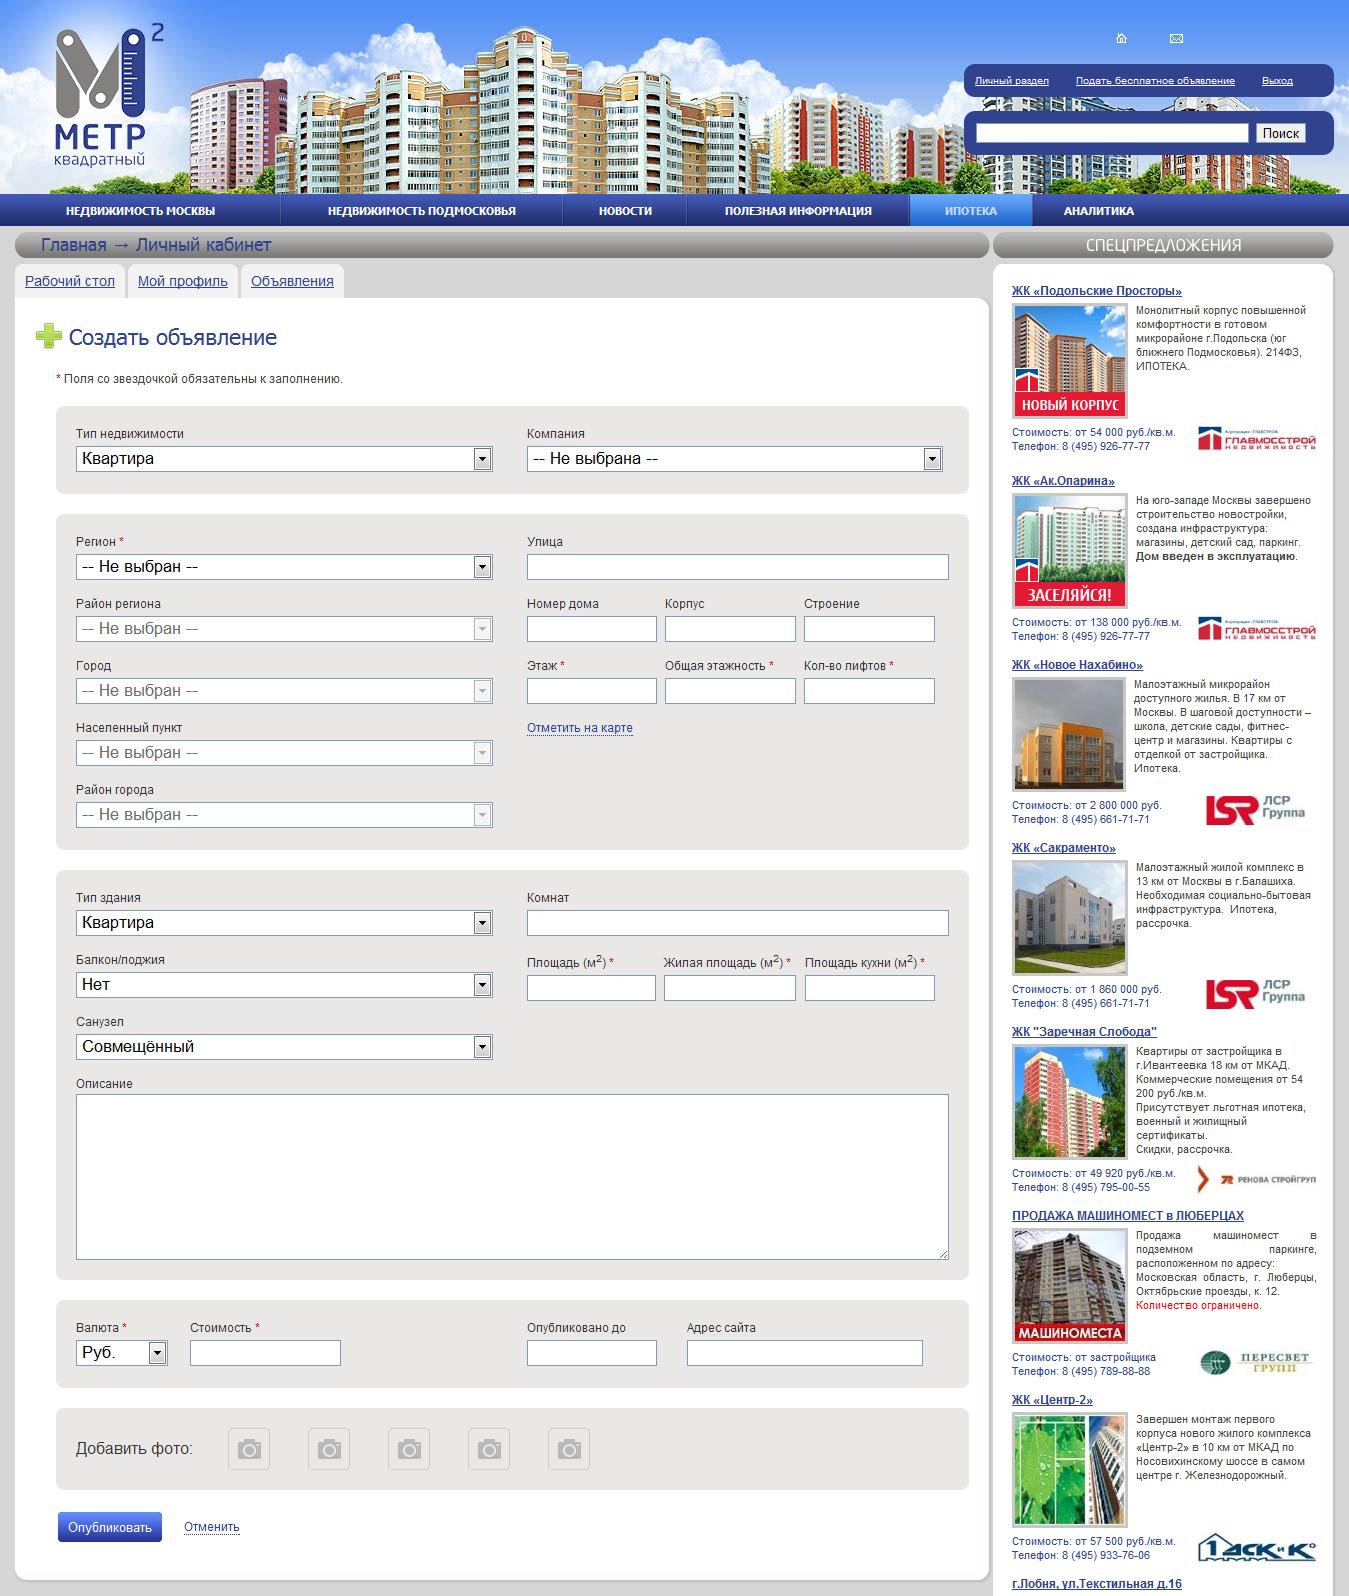 Информационный портал недвижимости. Форма подачи объявления. Bitrix.